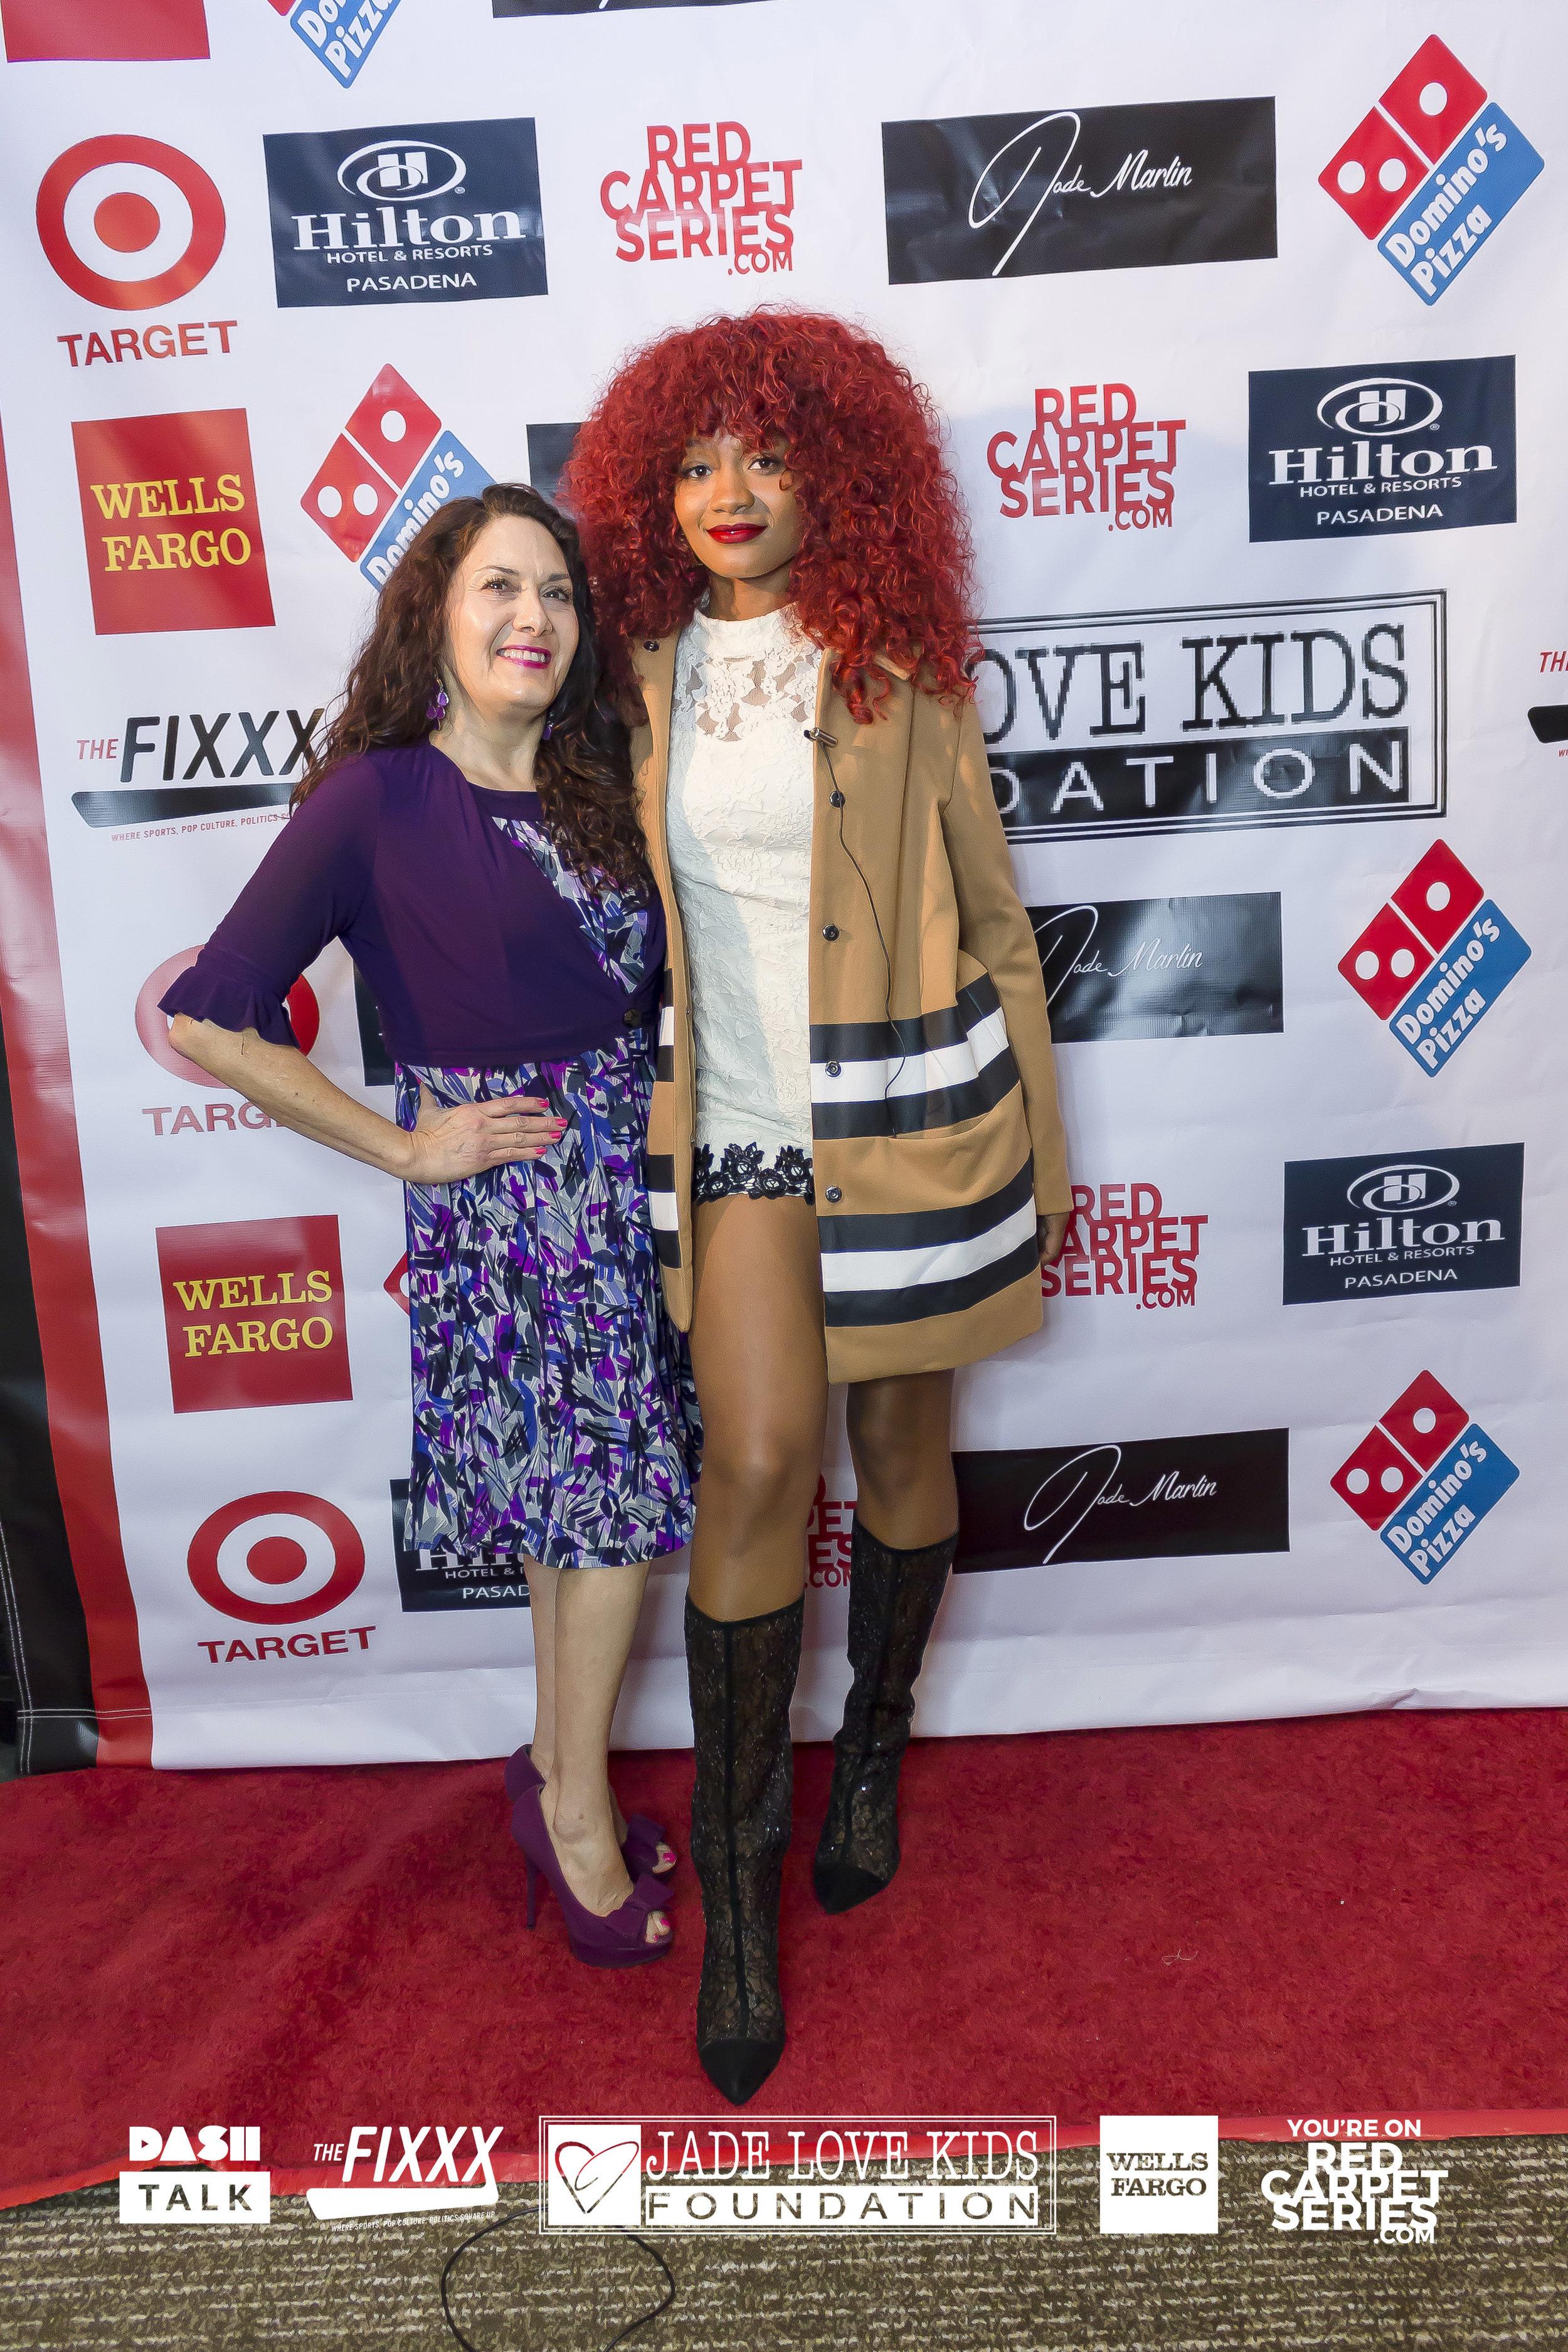 Jade Love Kids Foundation - 12-01-18 - Round 1_2.jpg